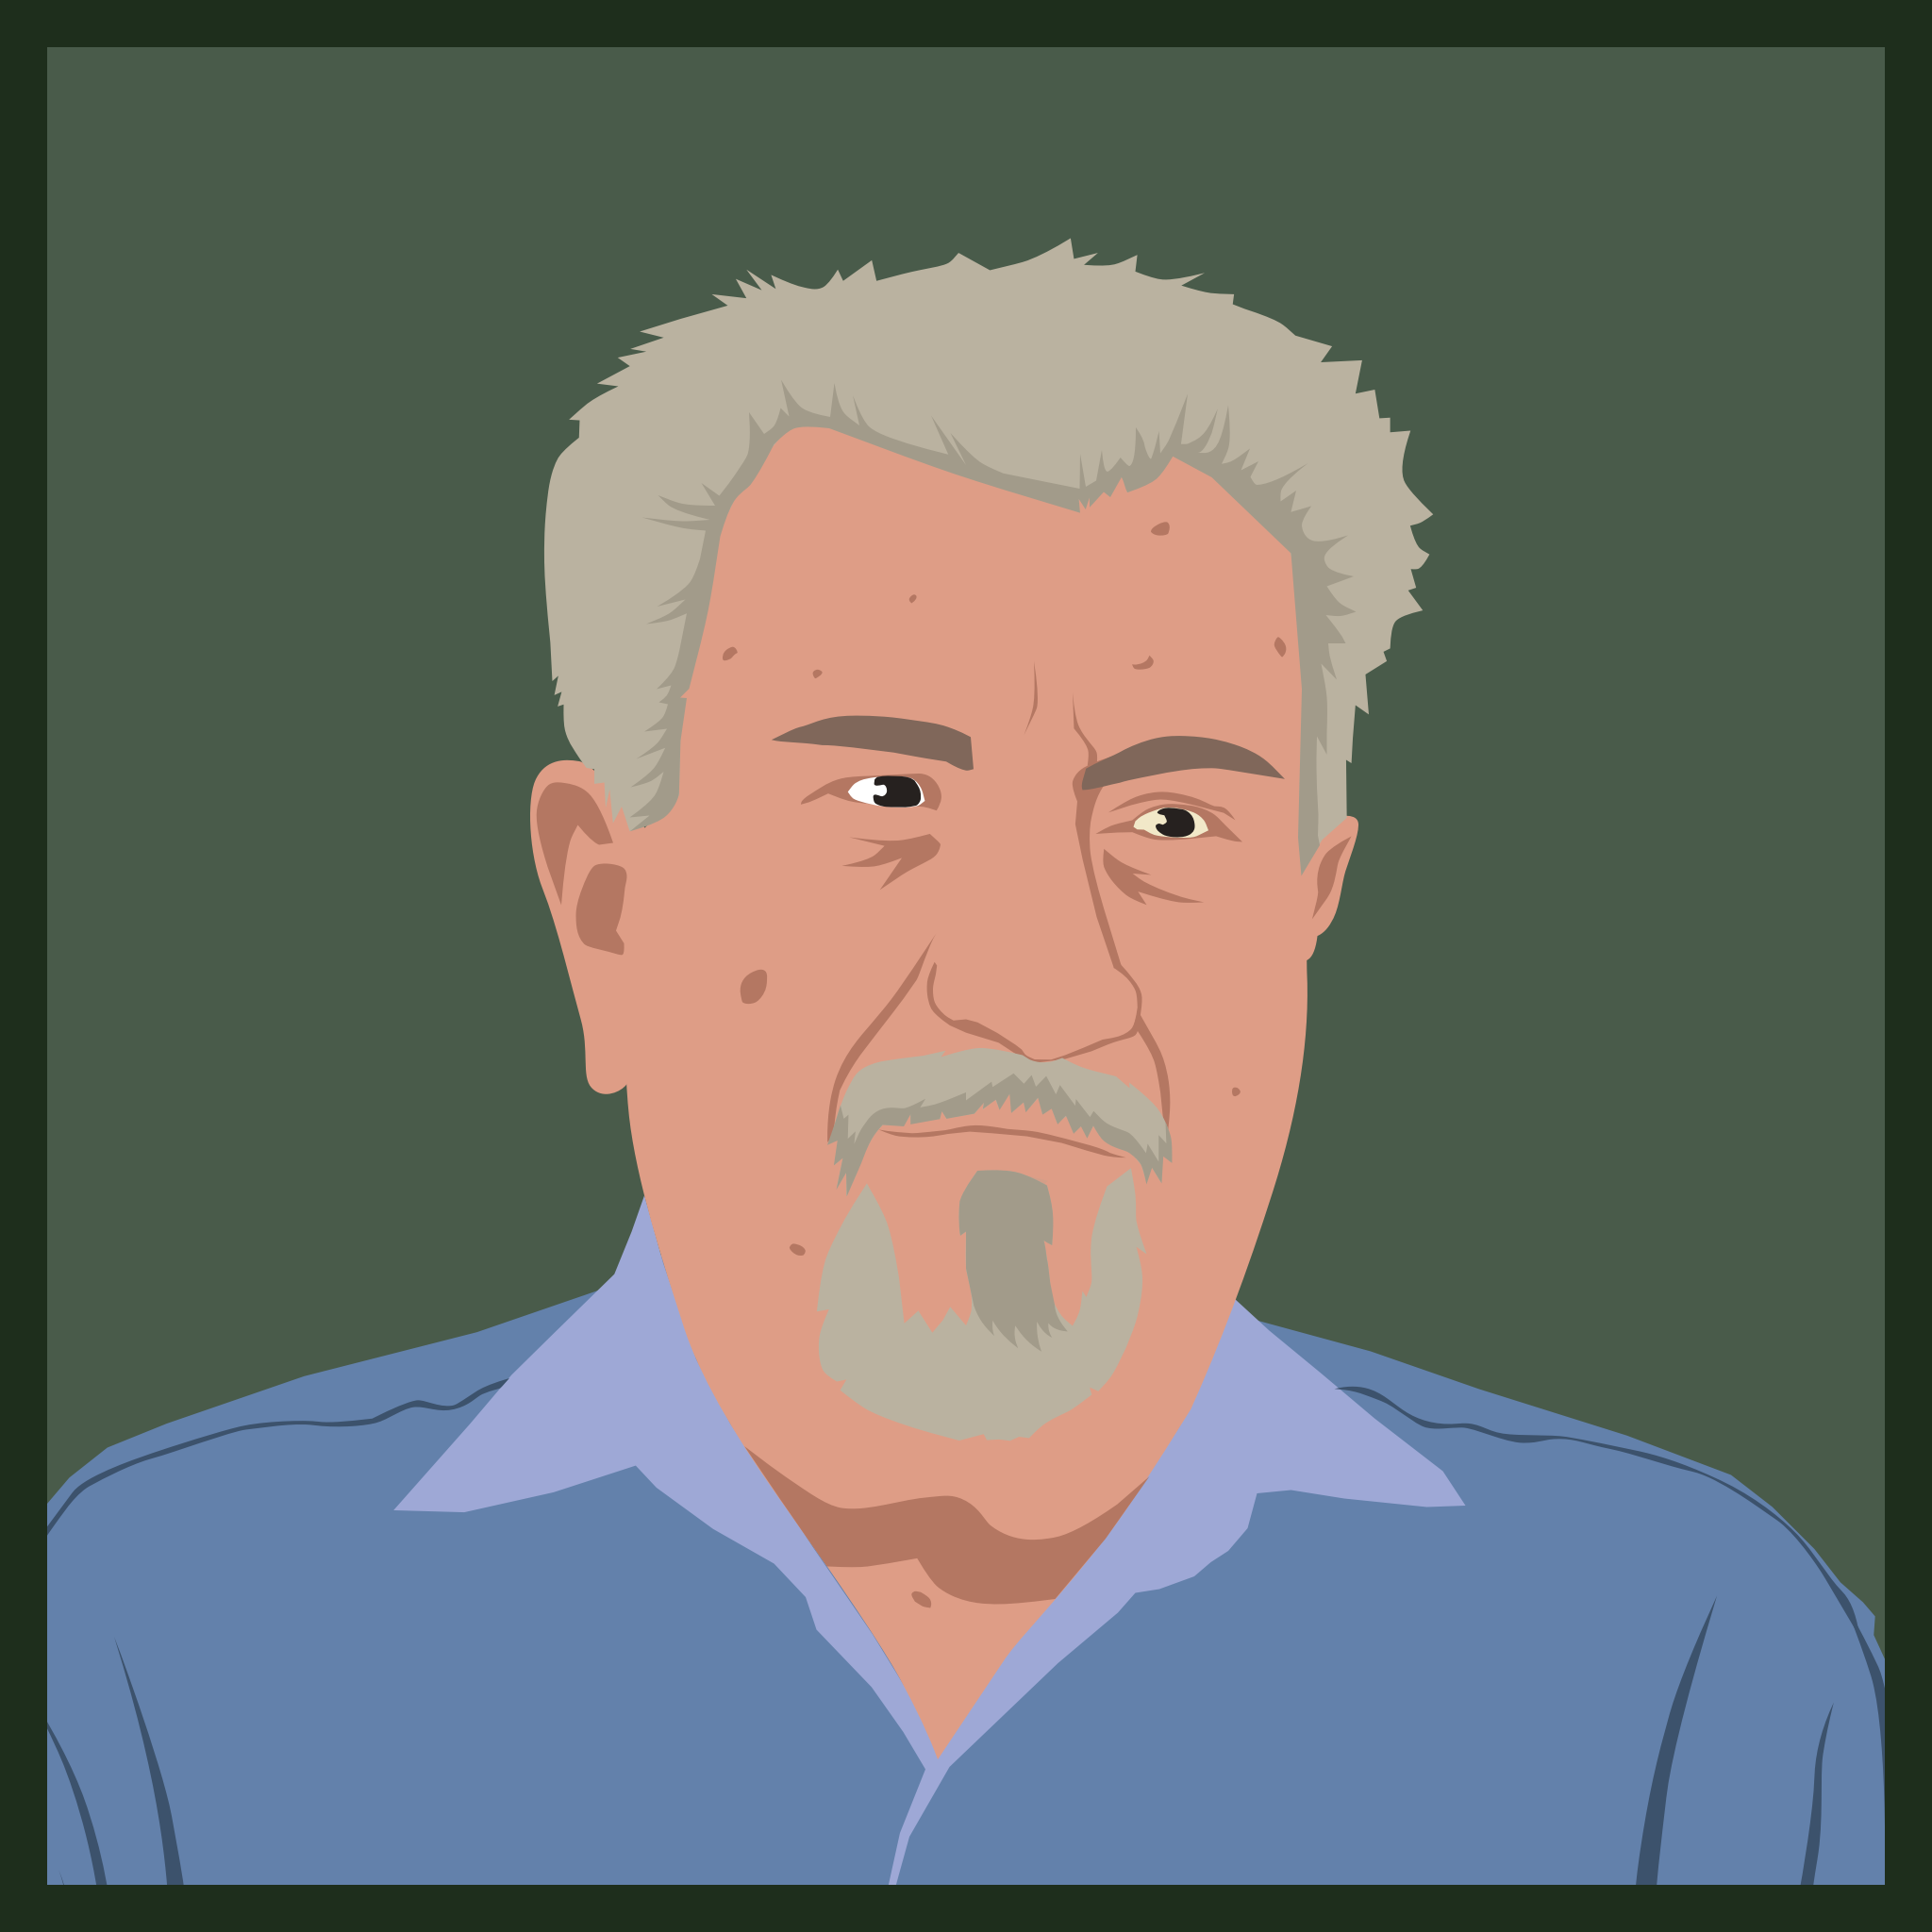 Paul Migliore